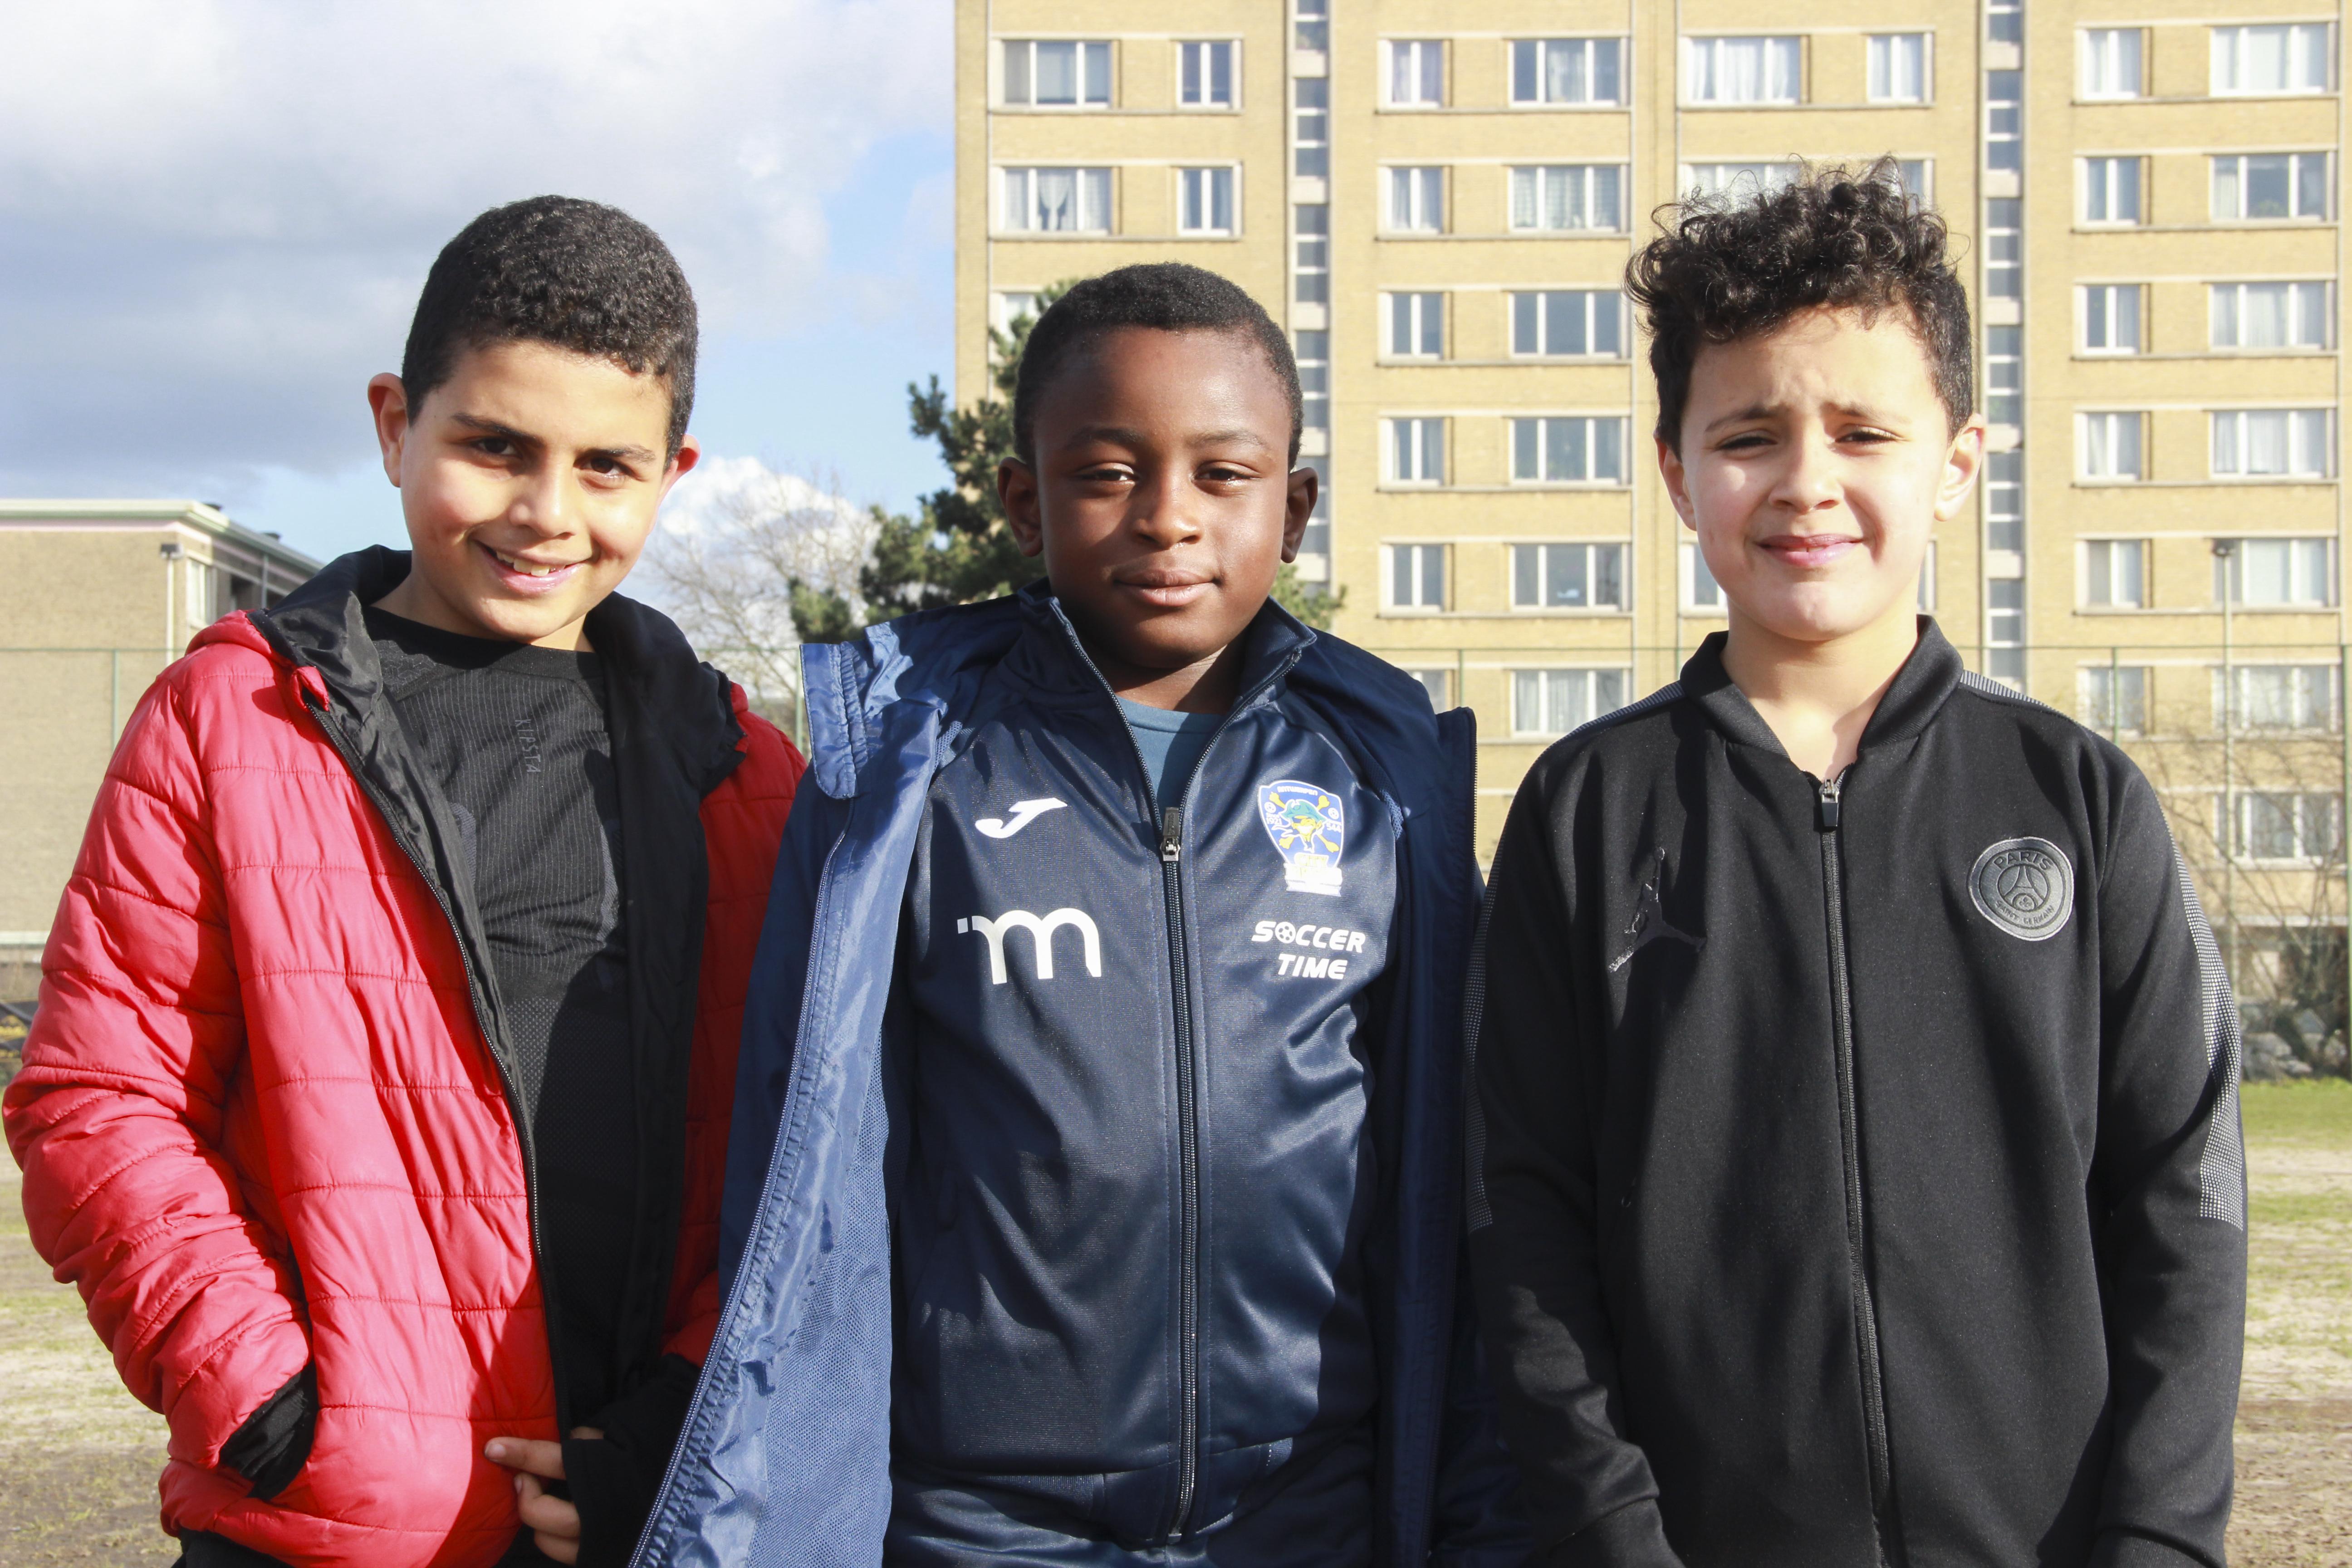 Drie jonge spelers van verschillende afkomst